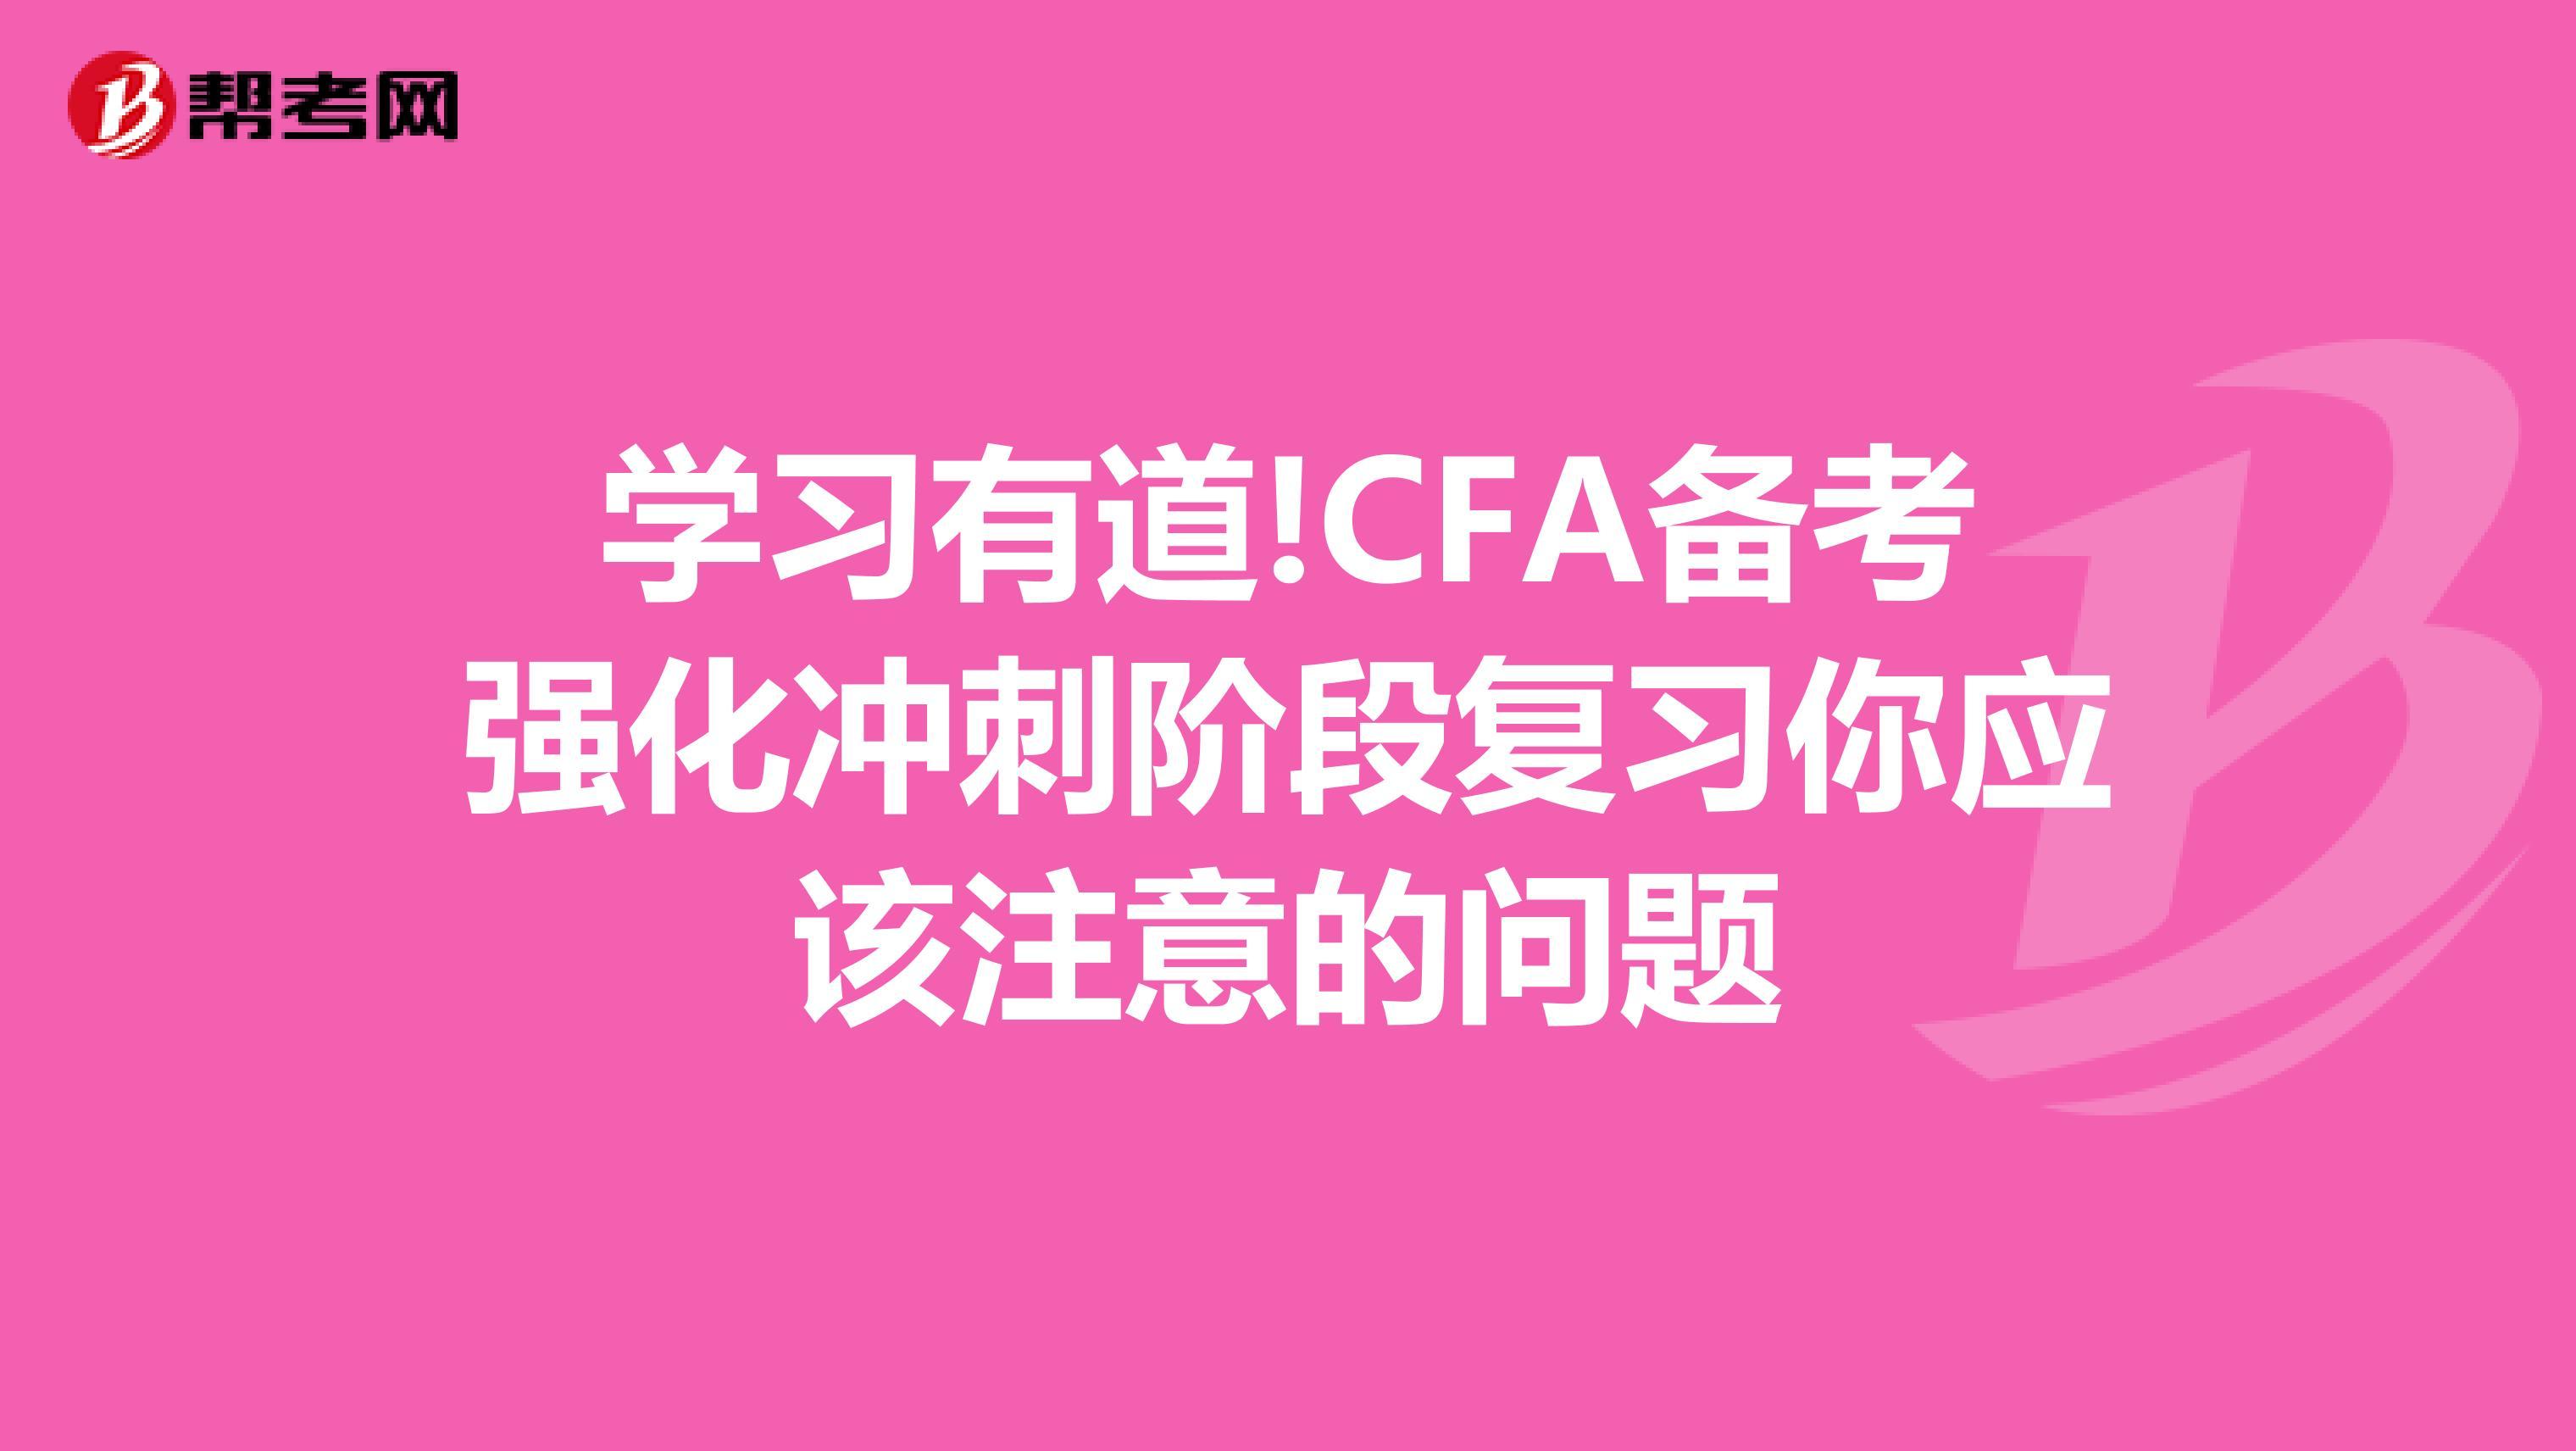 学习有道!CFA备考强化冲刺阶段复习你应该注意的问题